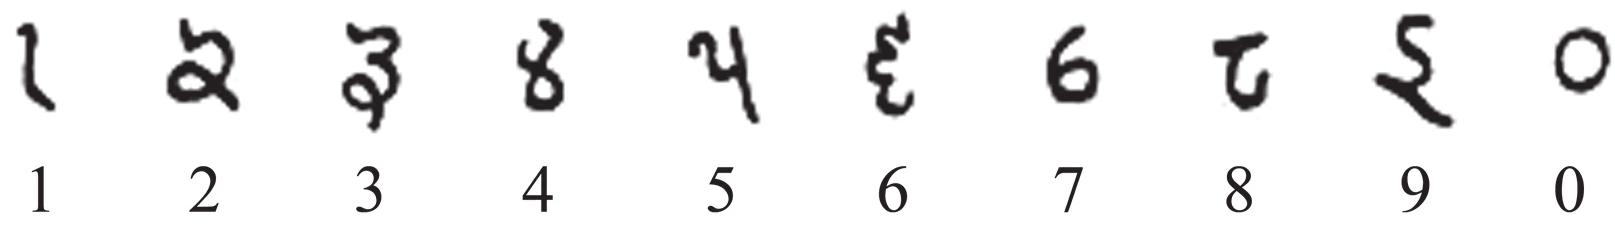 阿拉伯数字的由来?阿拉伯数字是哪个国家的人发明的?插图(1)